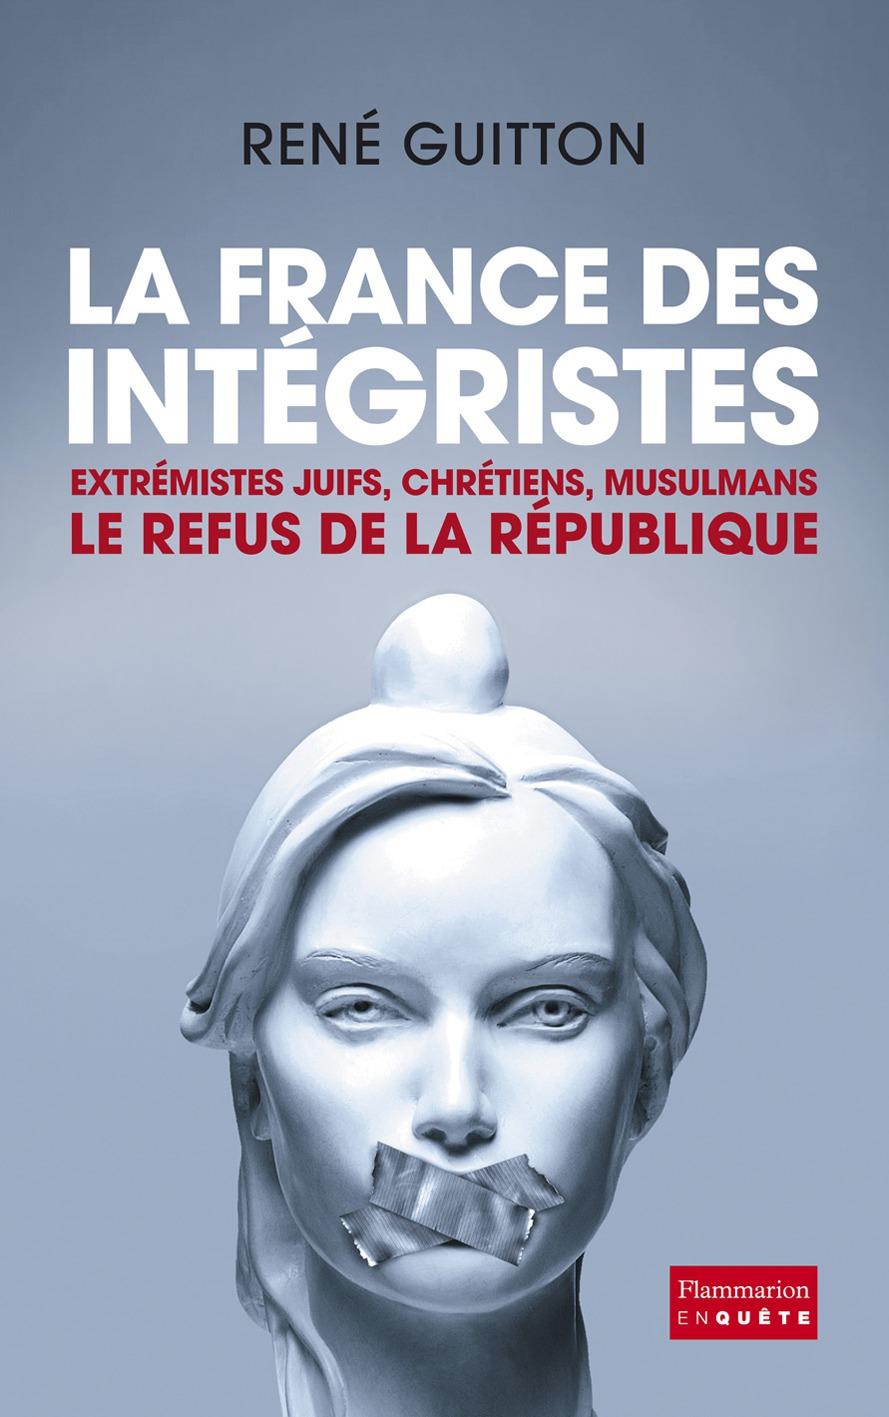 La France des intégristes